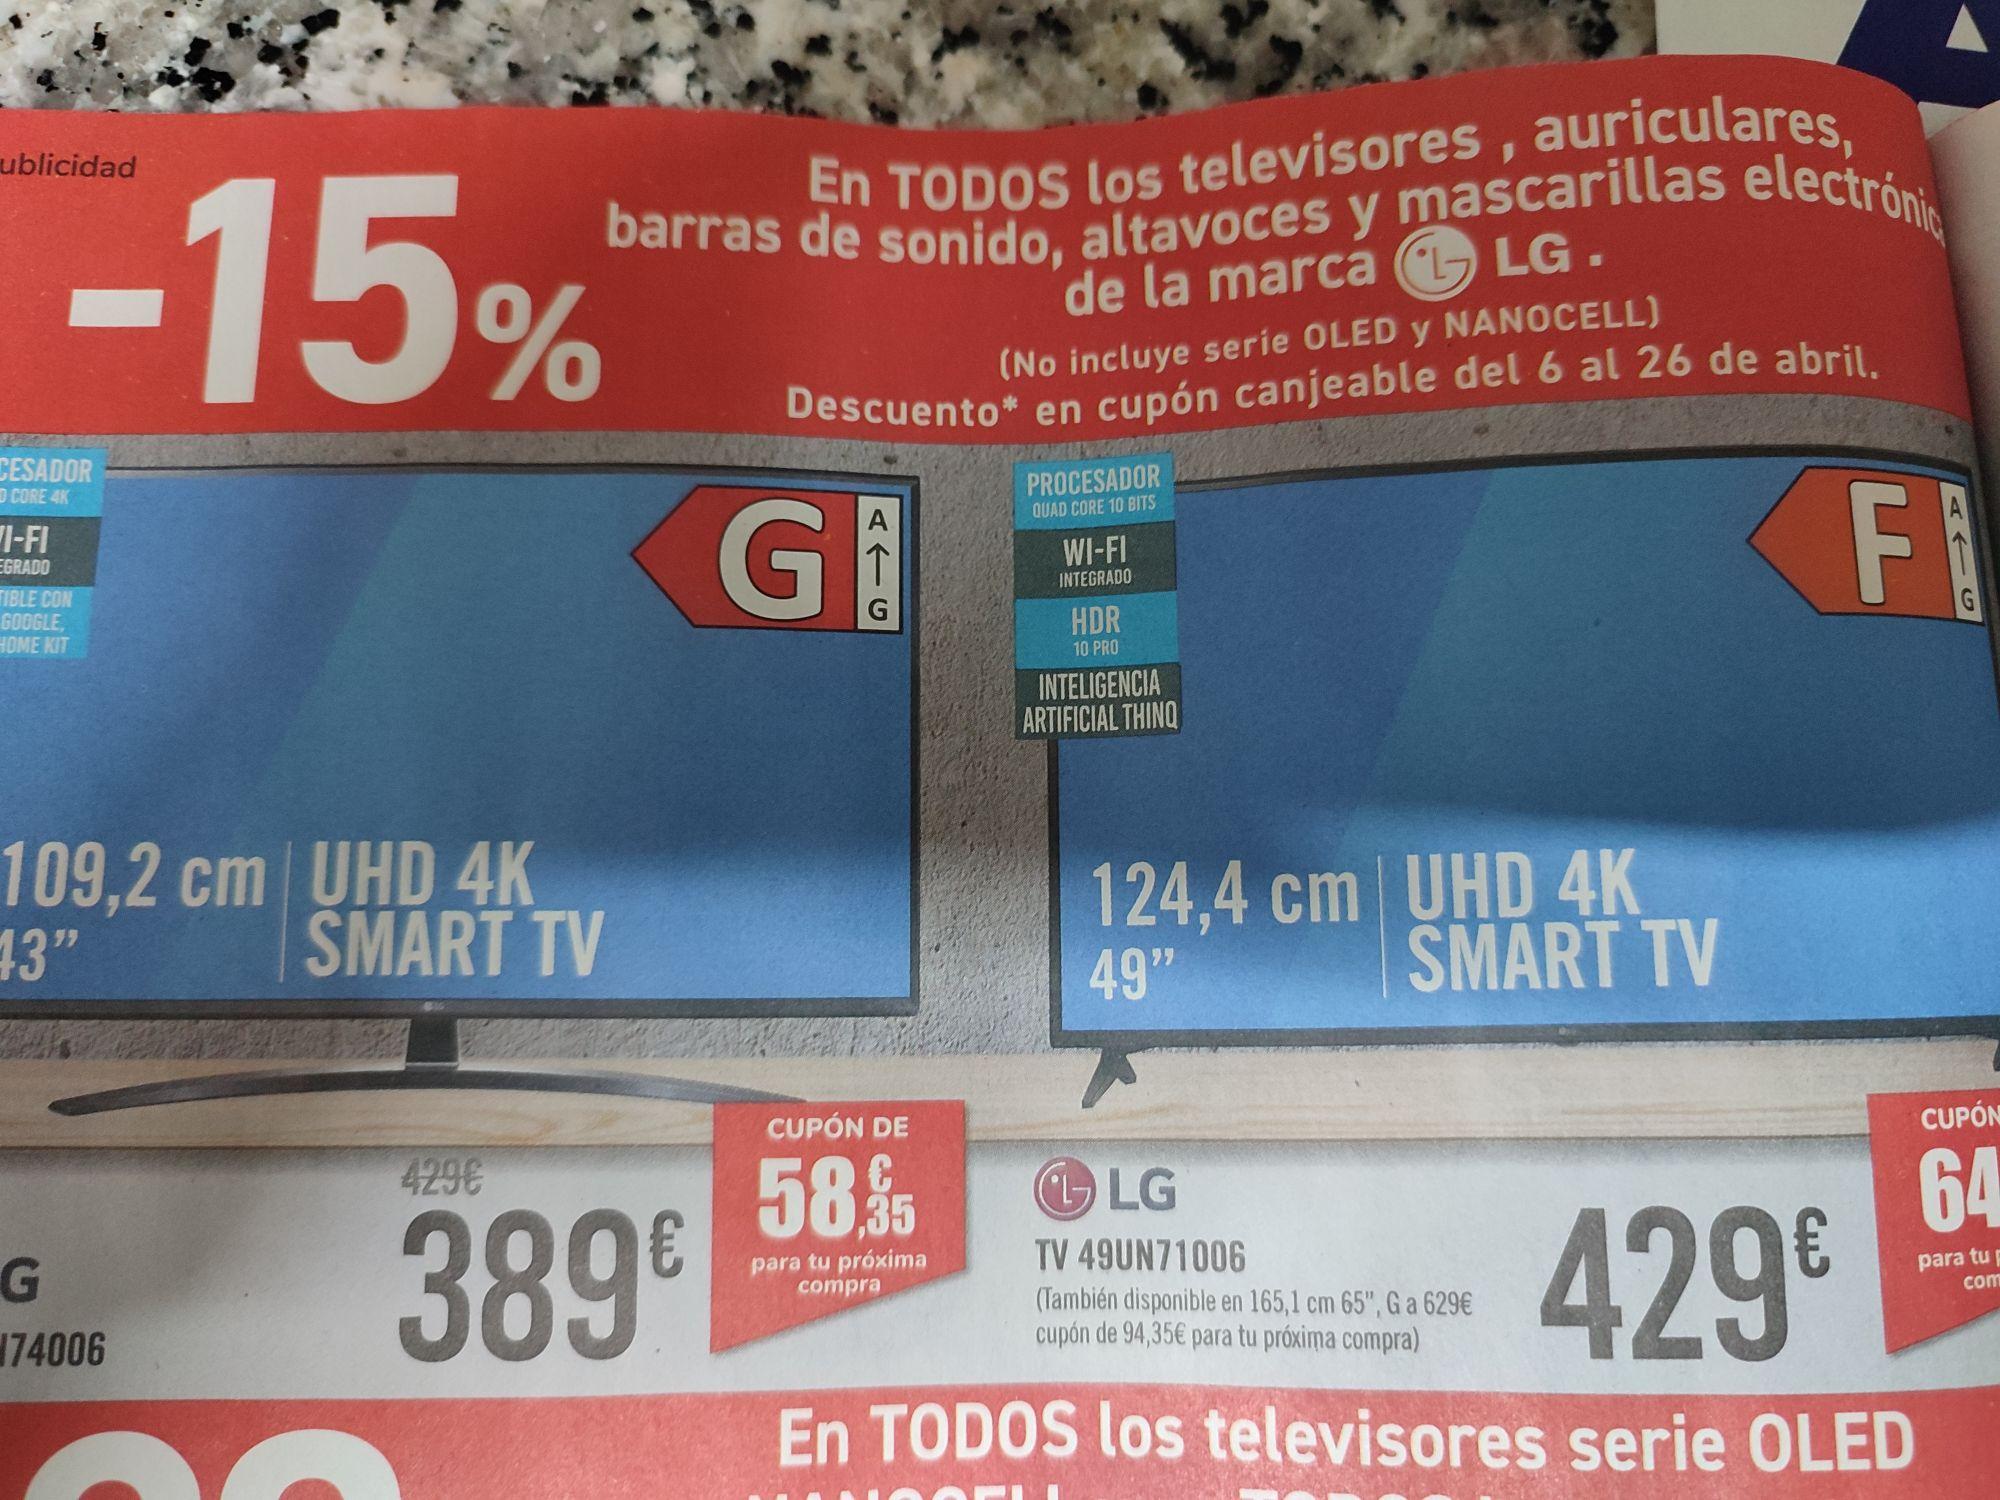 15% de descuento en televisores, barras de sonido, altavoces y mascarillas electrónicas marca LG en carrefour